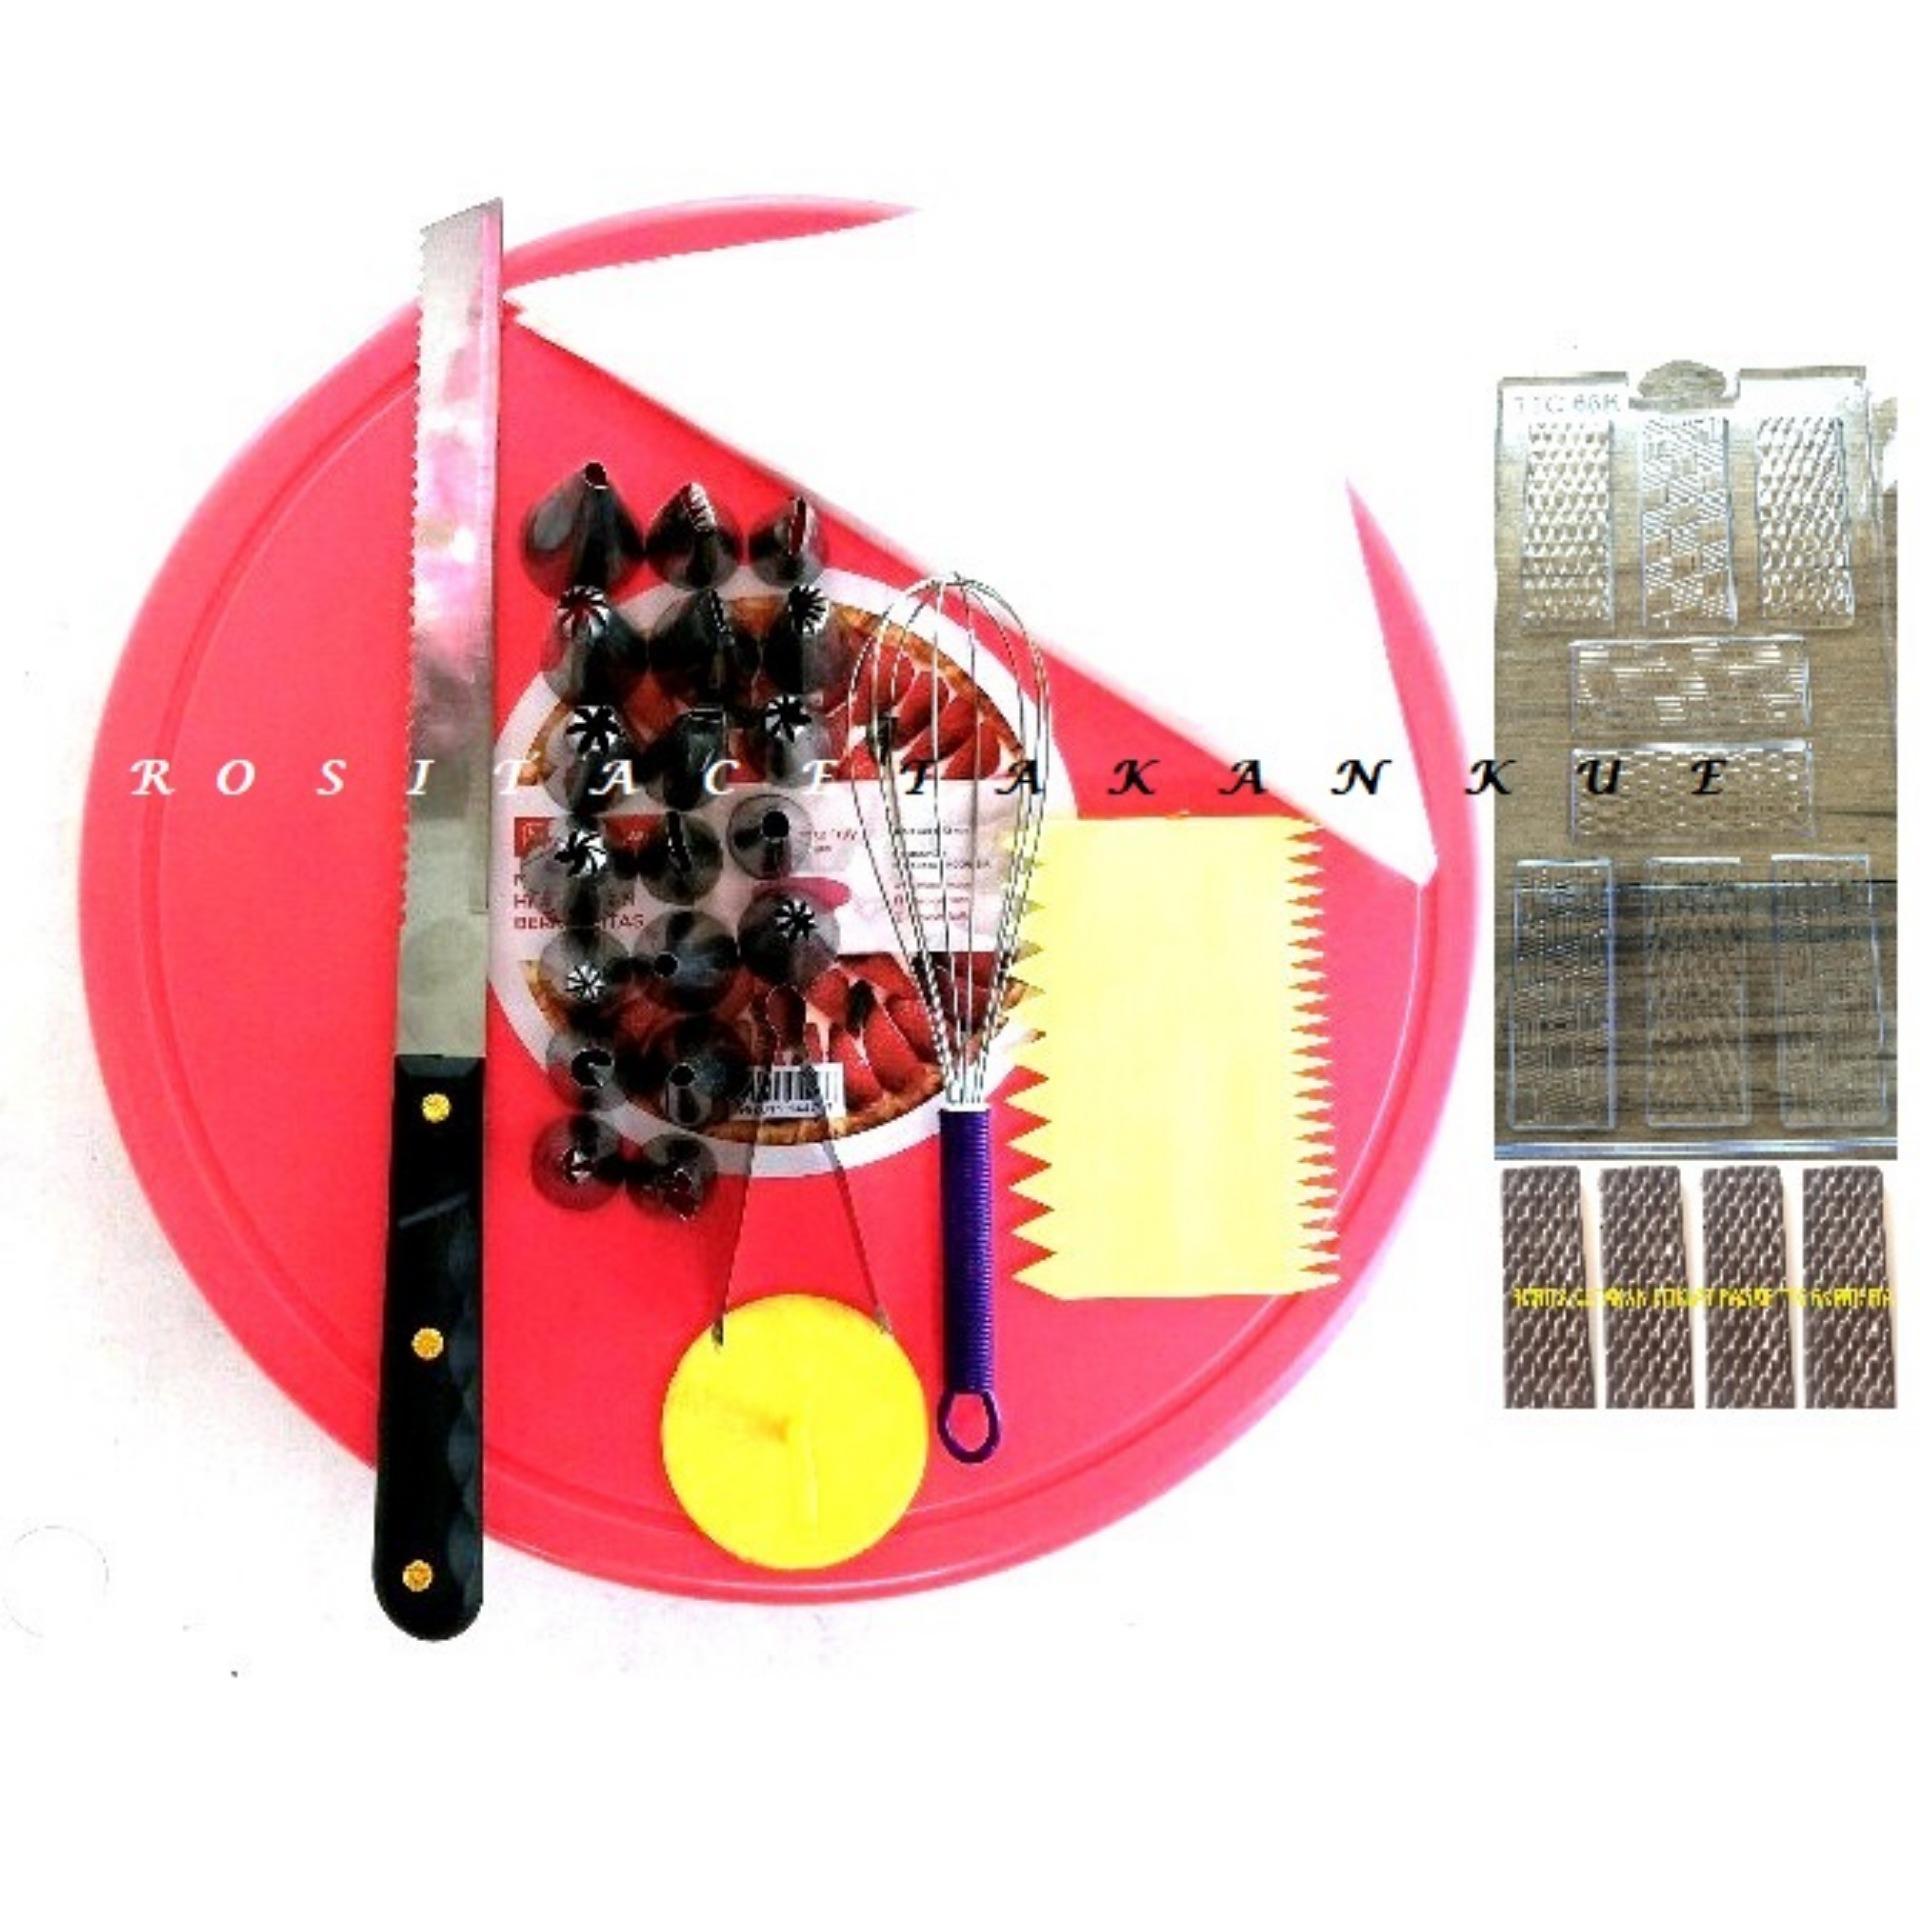 Harga Rosita Set Alat Hias Kue Meja Putar Spuit Set Whisker Scraper Cetakan Coklat Spatula Piping Bag Paku Payung Dan Spesifikasinya